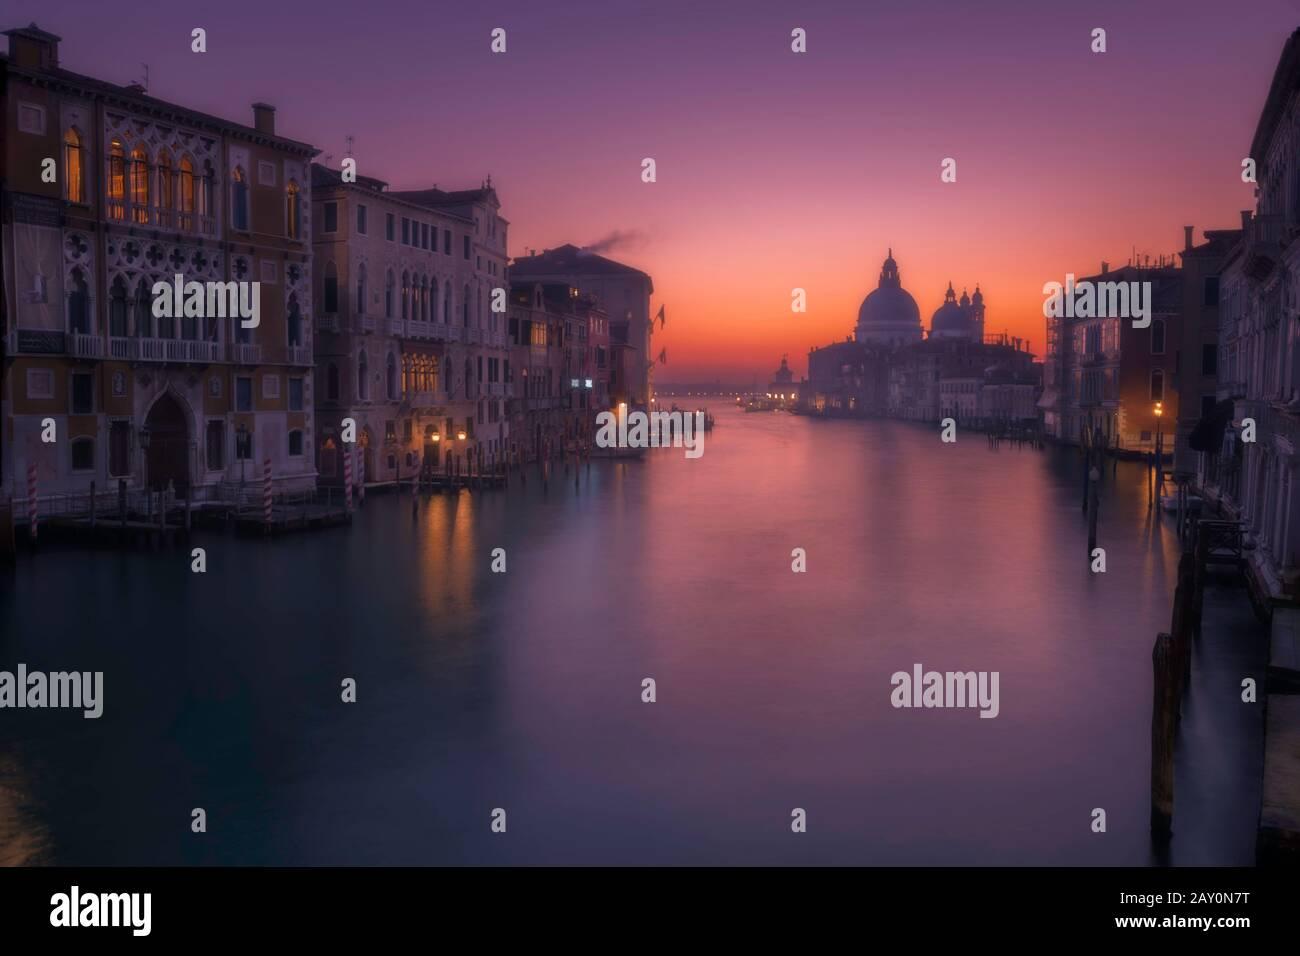 Paysage urbain avec Grand Canal et église Santa Maria della Salute, Venise, Vénétie, Italie Banque D'Images